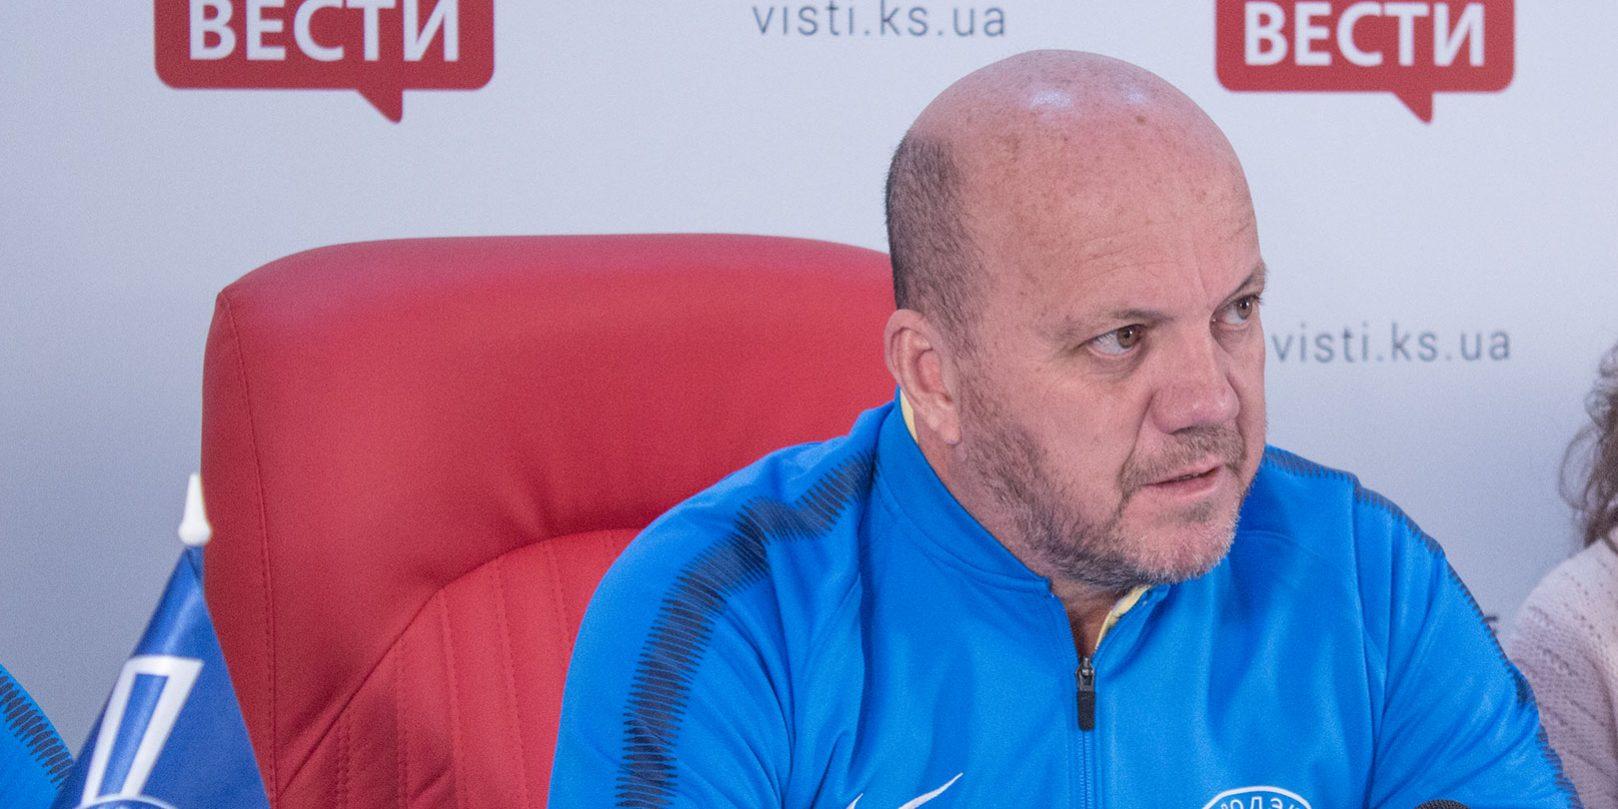 Барбоза: У нас большое желание выиграть чемпионат, поэтому исправляем ошибки и двигаемся дальше